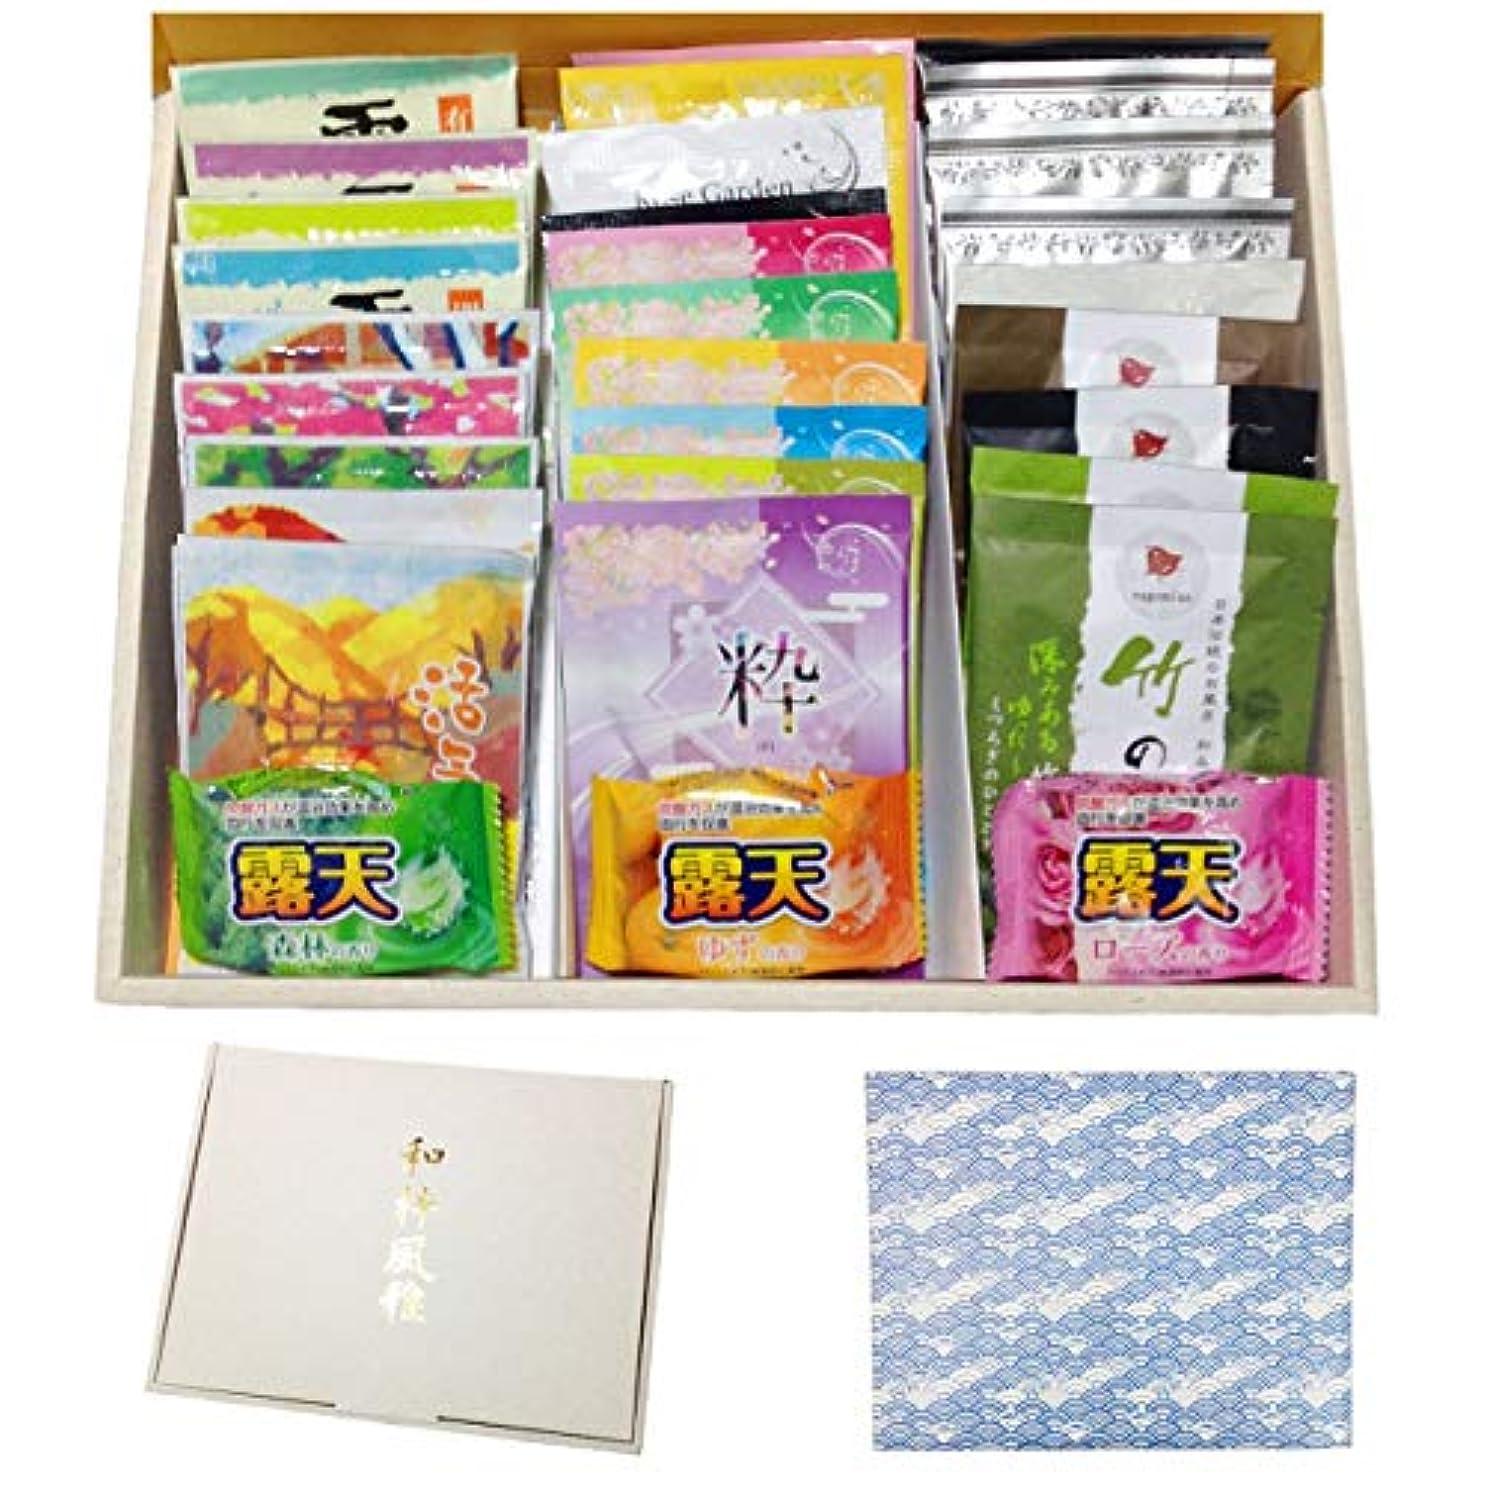 主流管理激怒入浴剤 ギフト セット 日本製 温泉 炭酸 つめあわせ バスギフト プレゼント 30種類/50種類 (30個30種類)